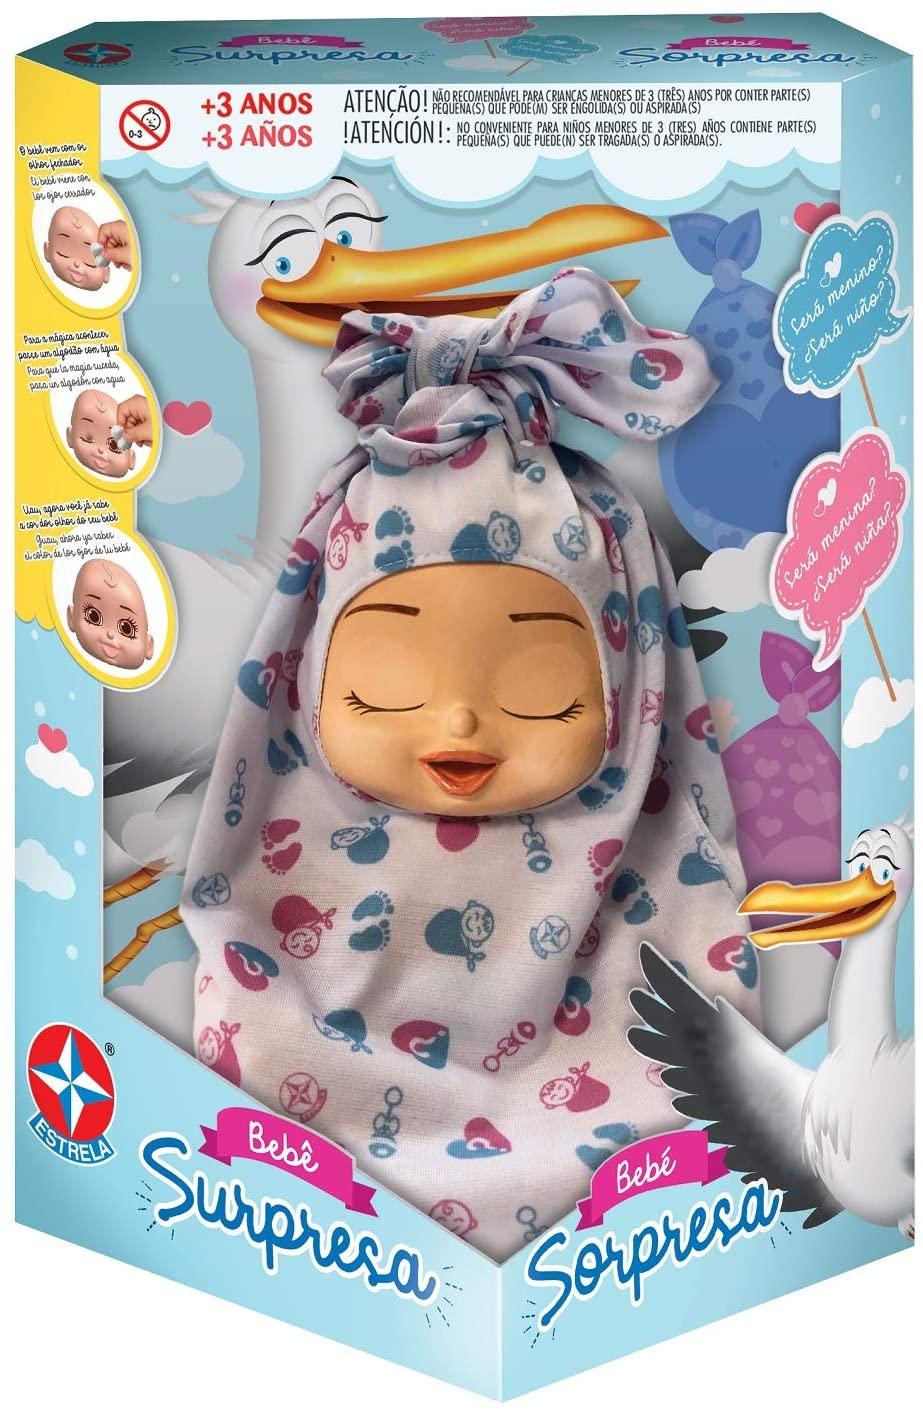 Boneca Bebê Surpresa - Negra ou Branca - Estrela